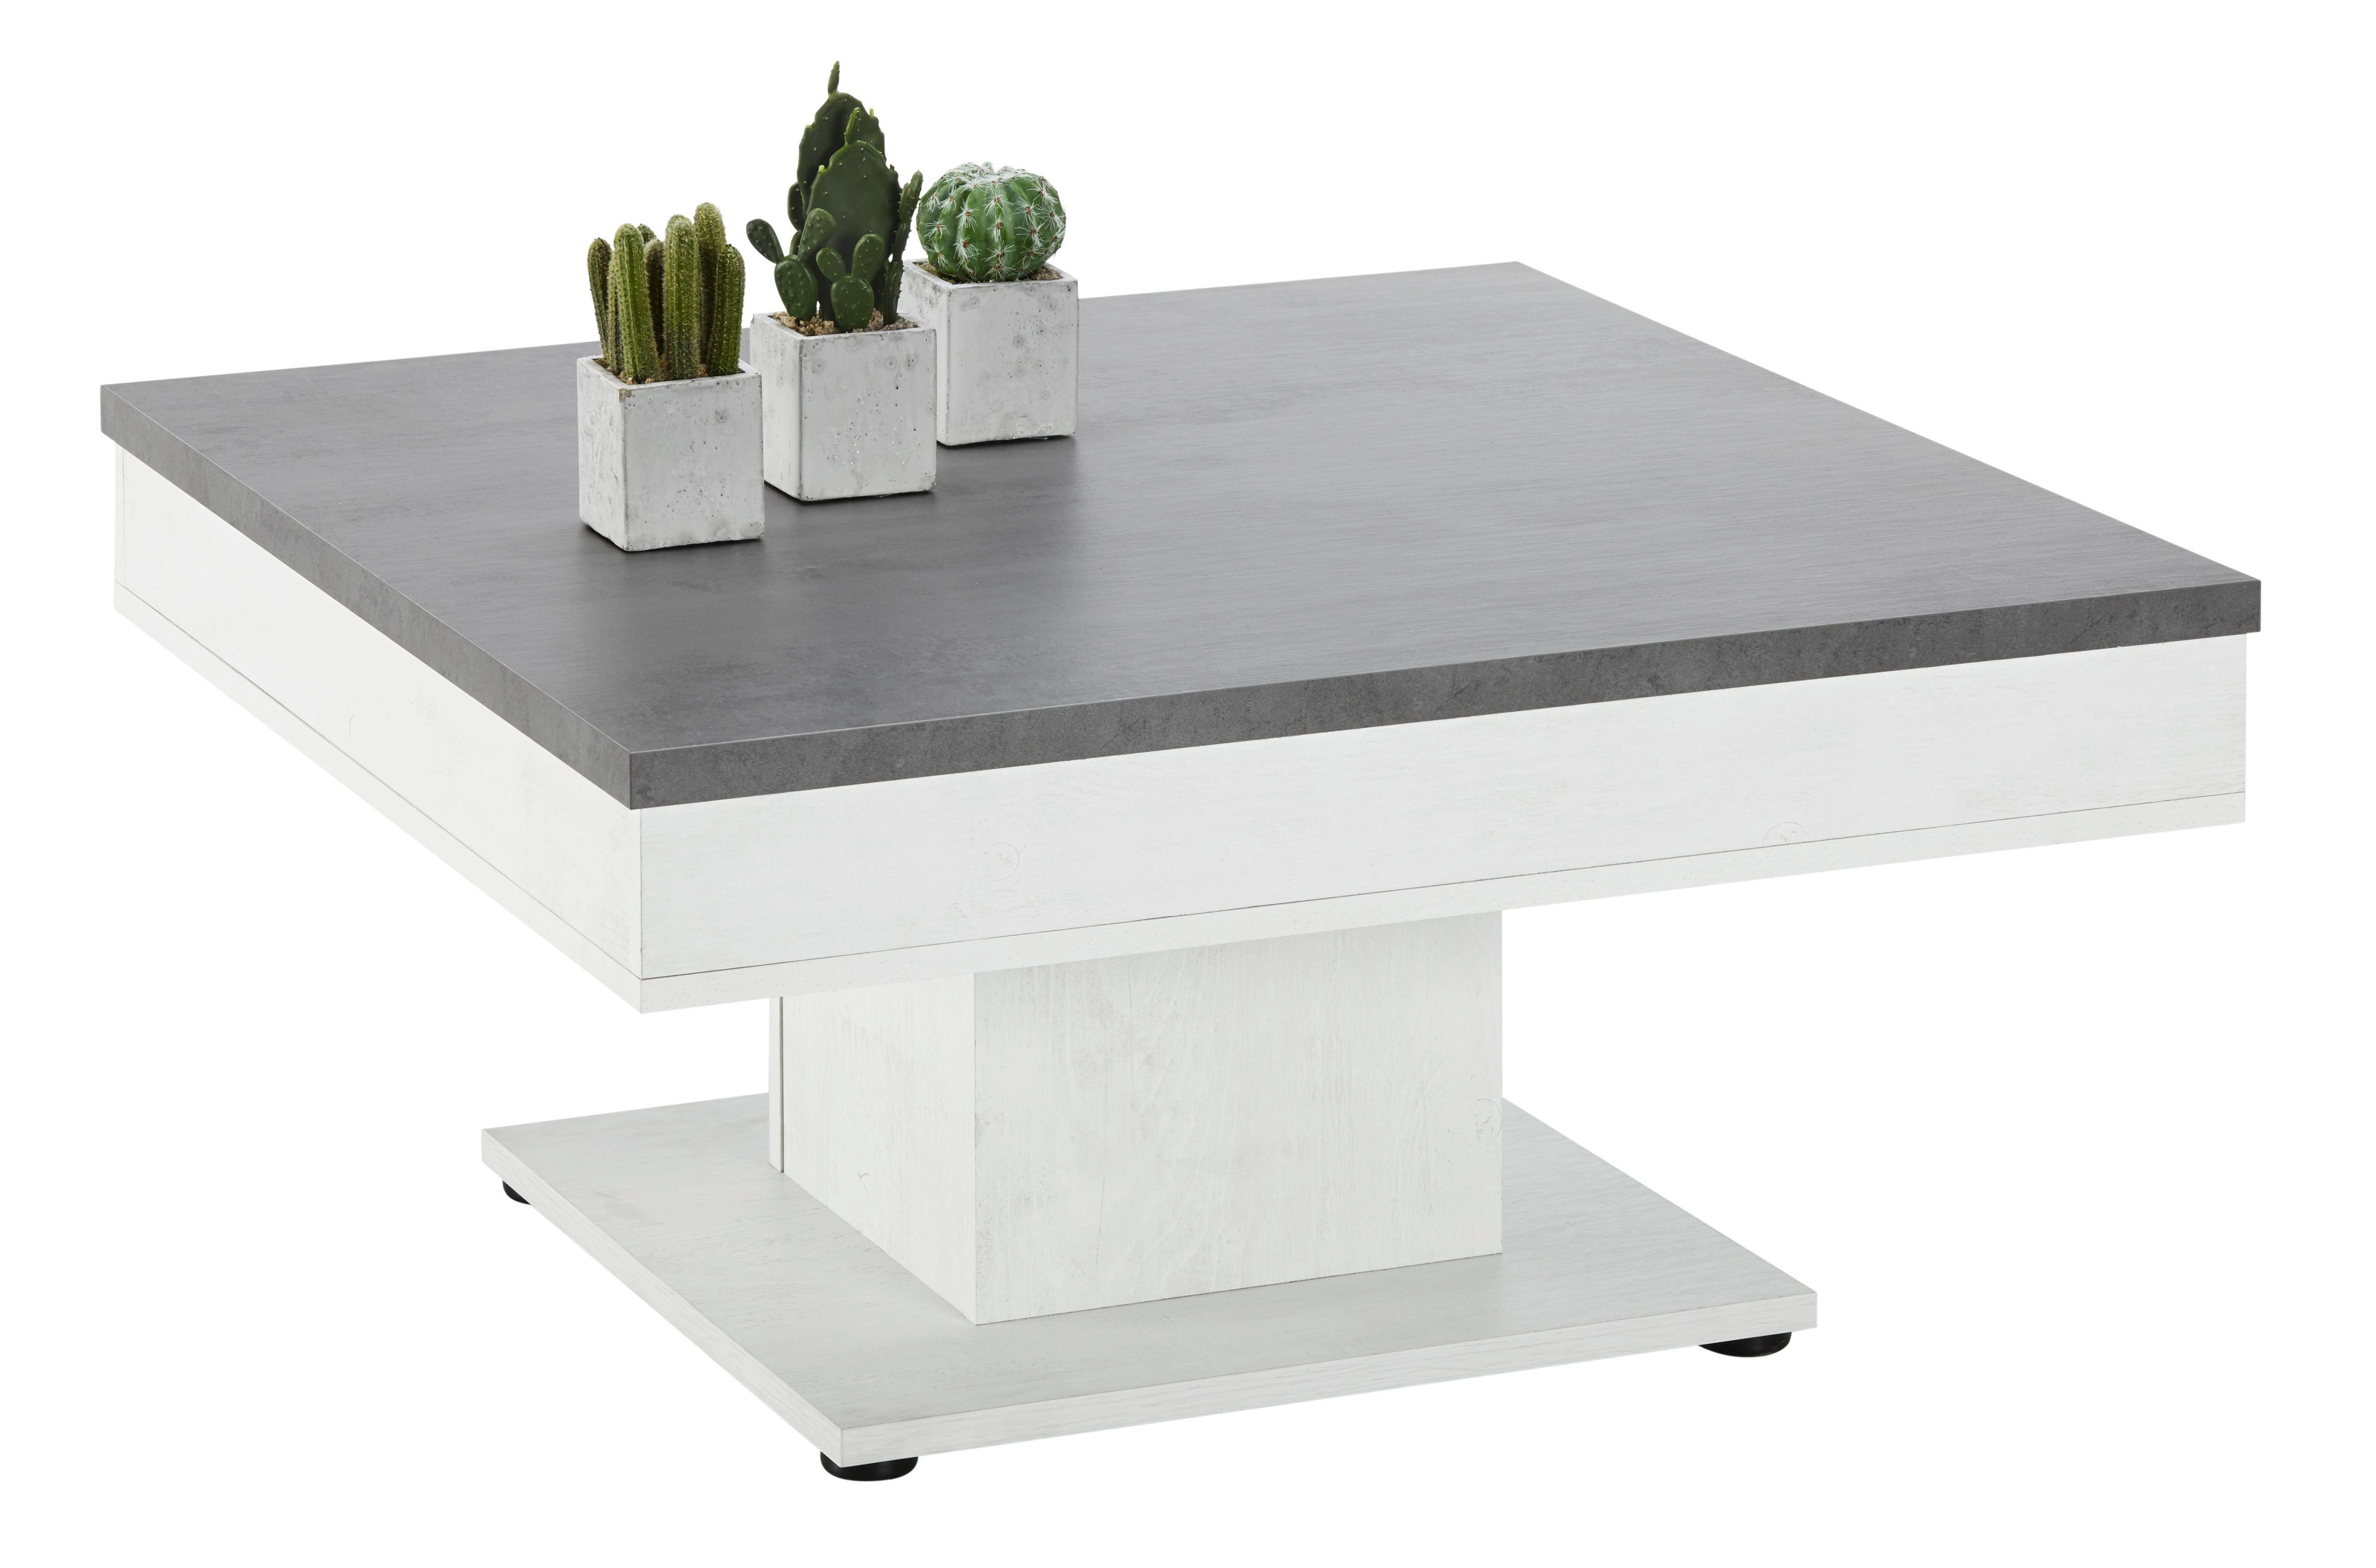 99 fazit das sollten sie bei der wahl ihres couchtischs. Black Bedroom Furniture Sets. Home Design Ideas